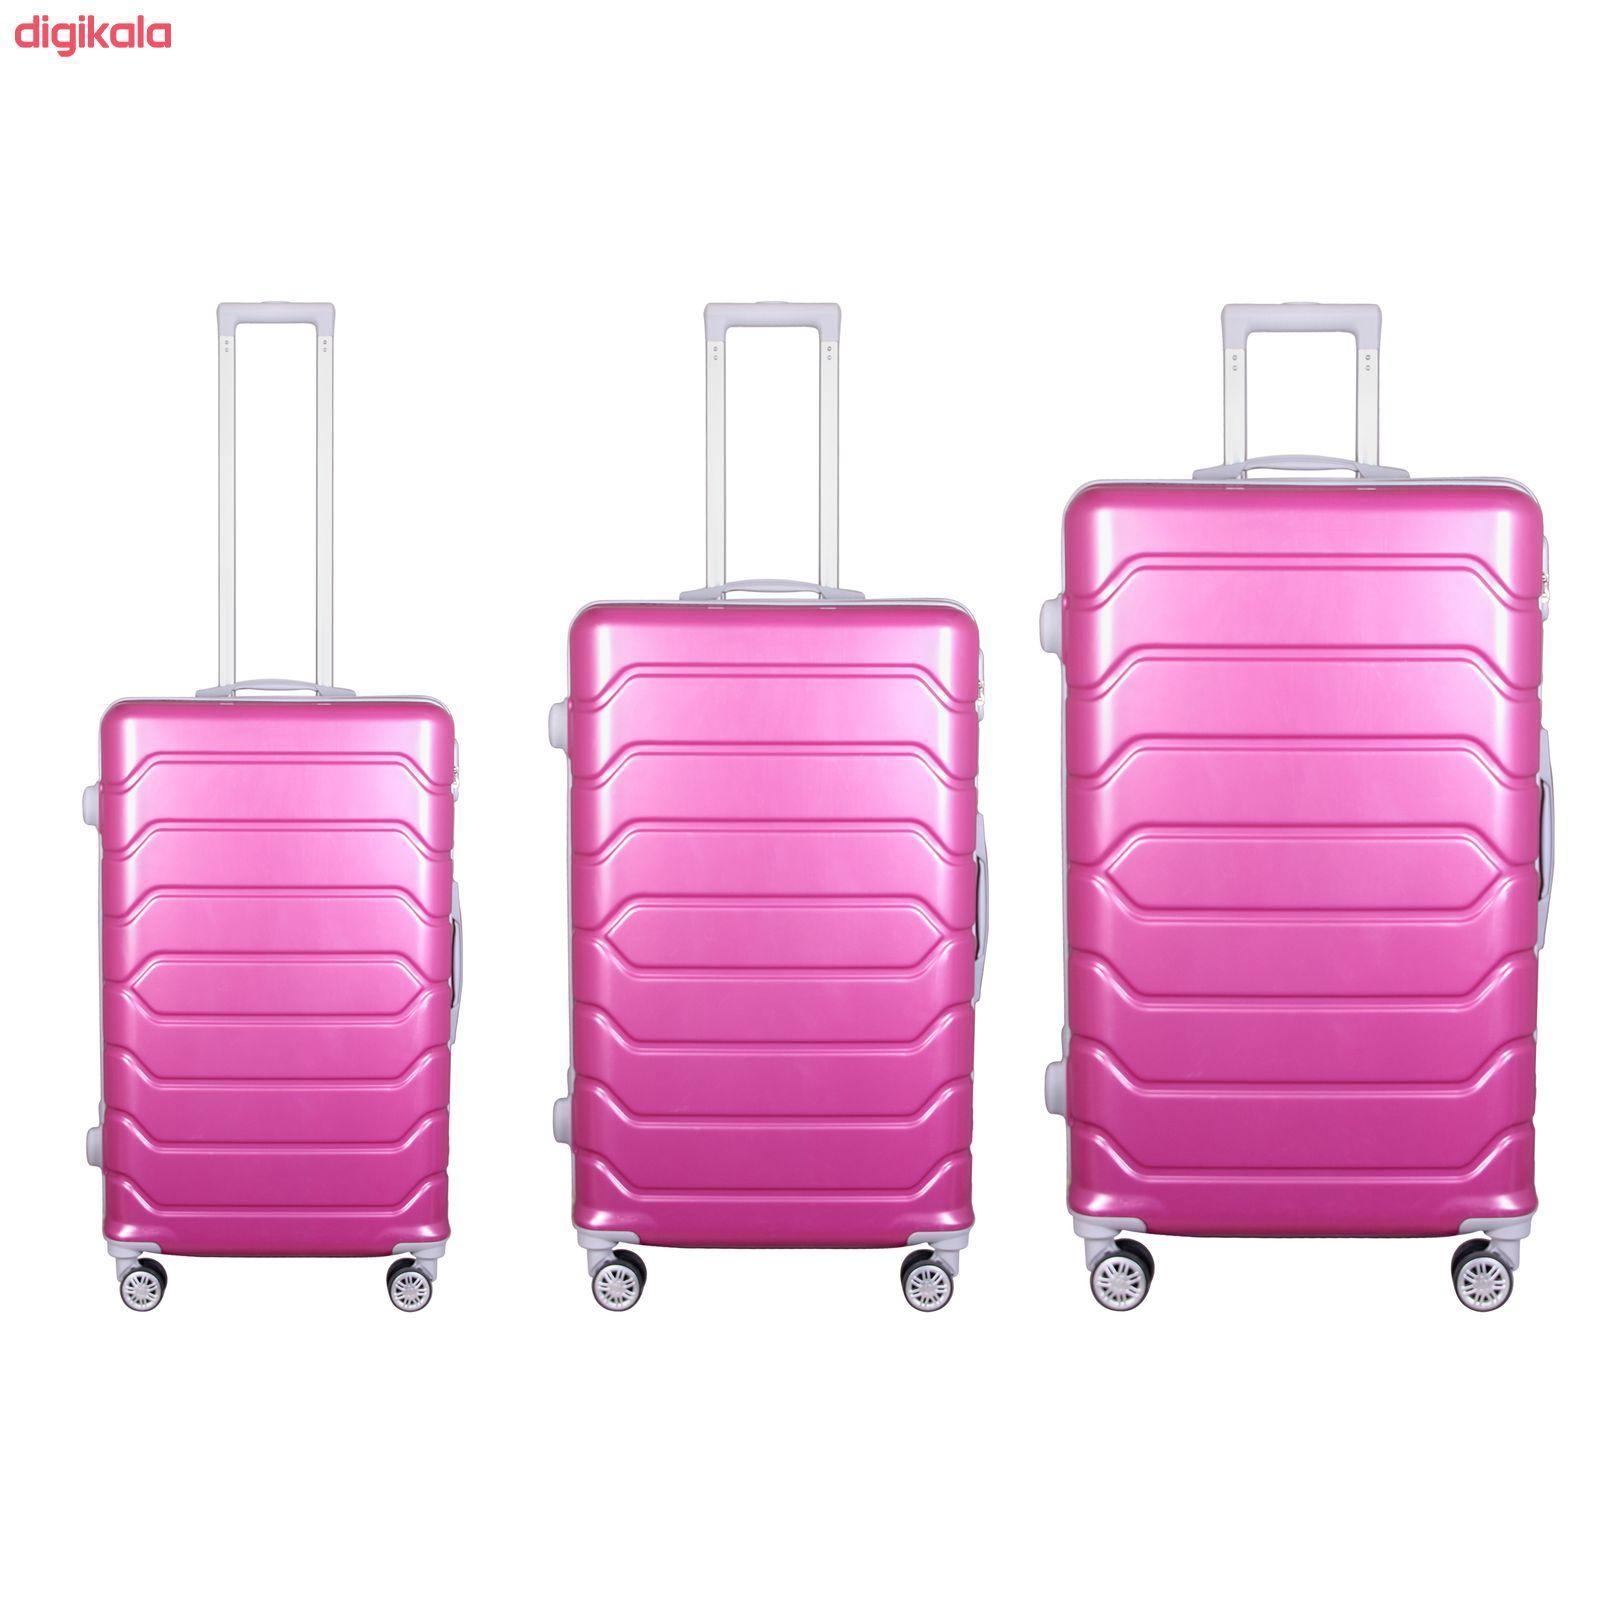 مجموعه سه عددی چمدان مدل 20020 main 1 3